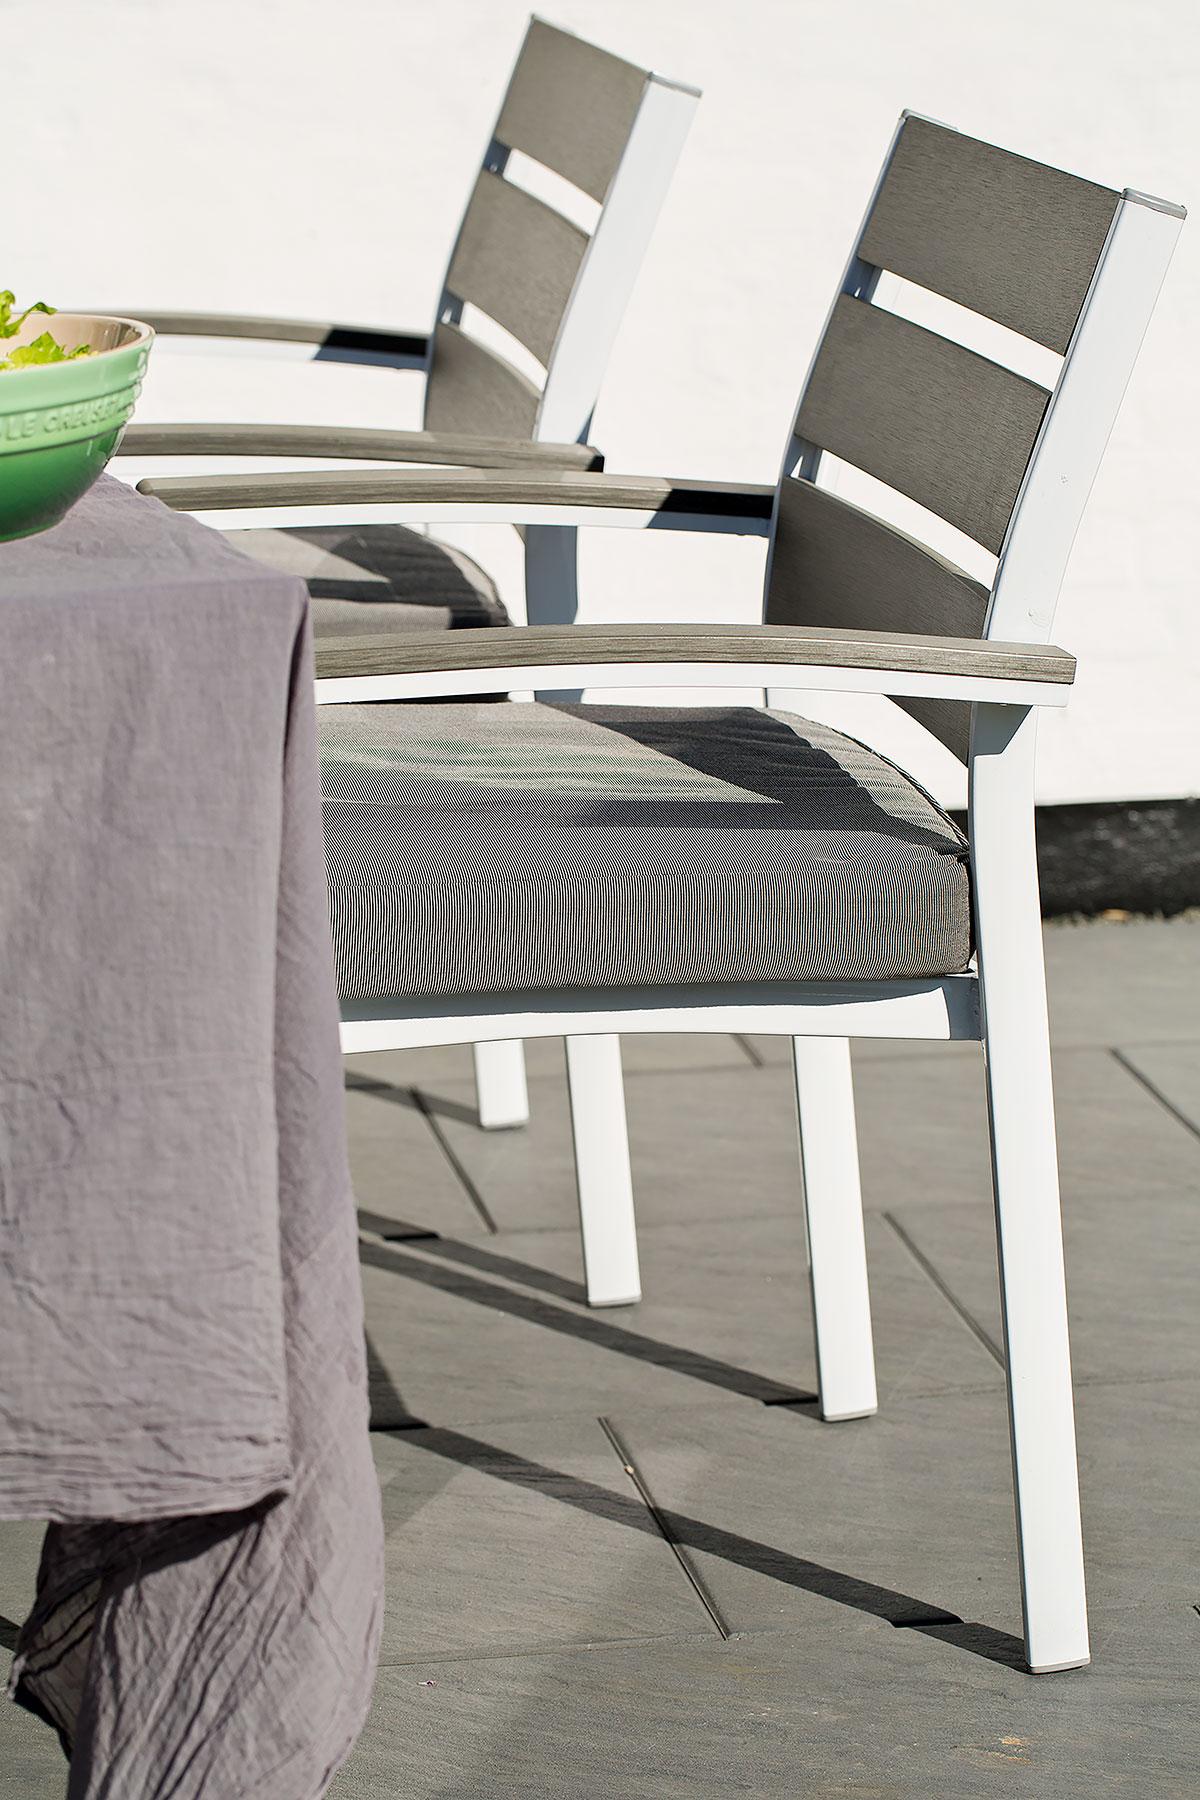 Spisestole på terrasse